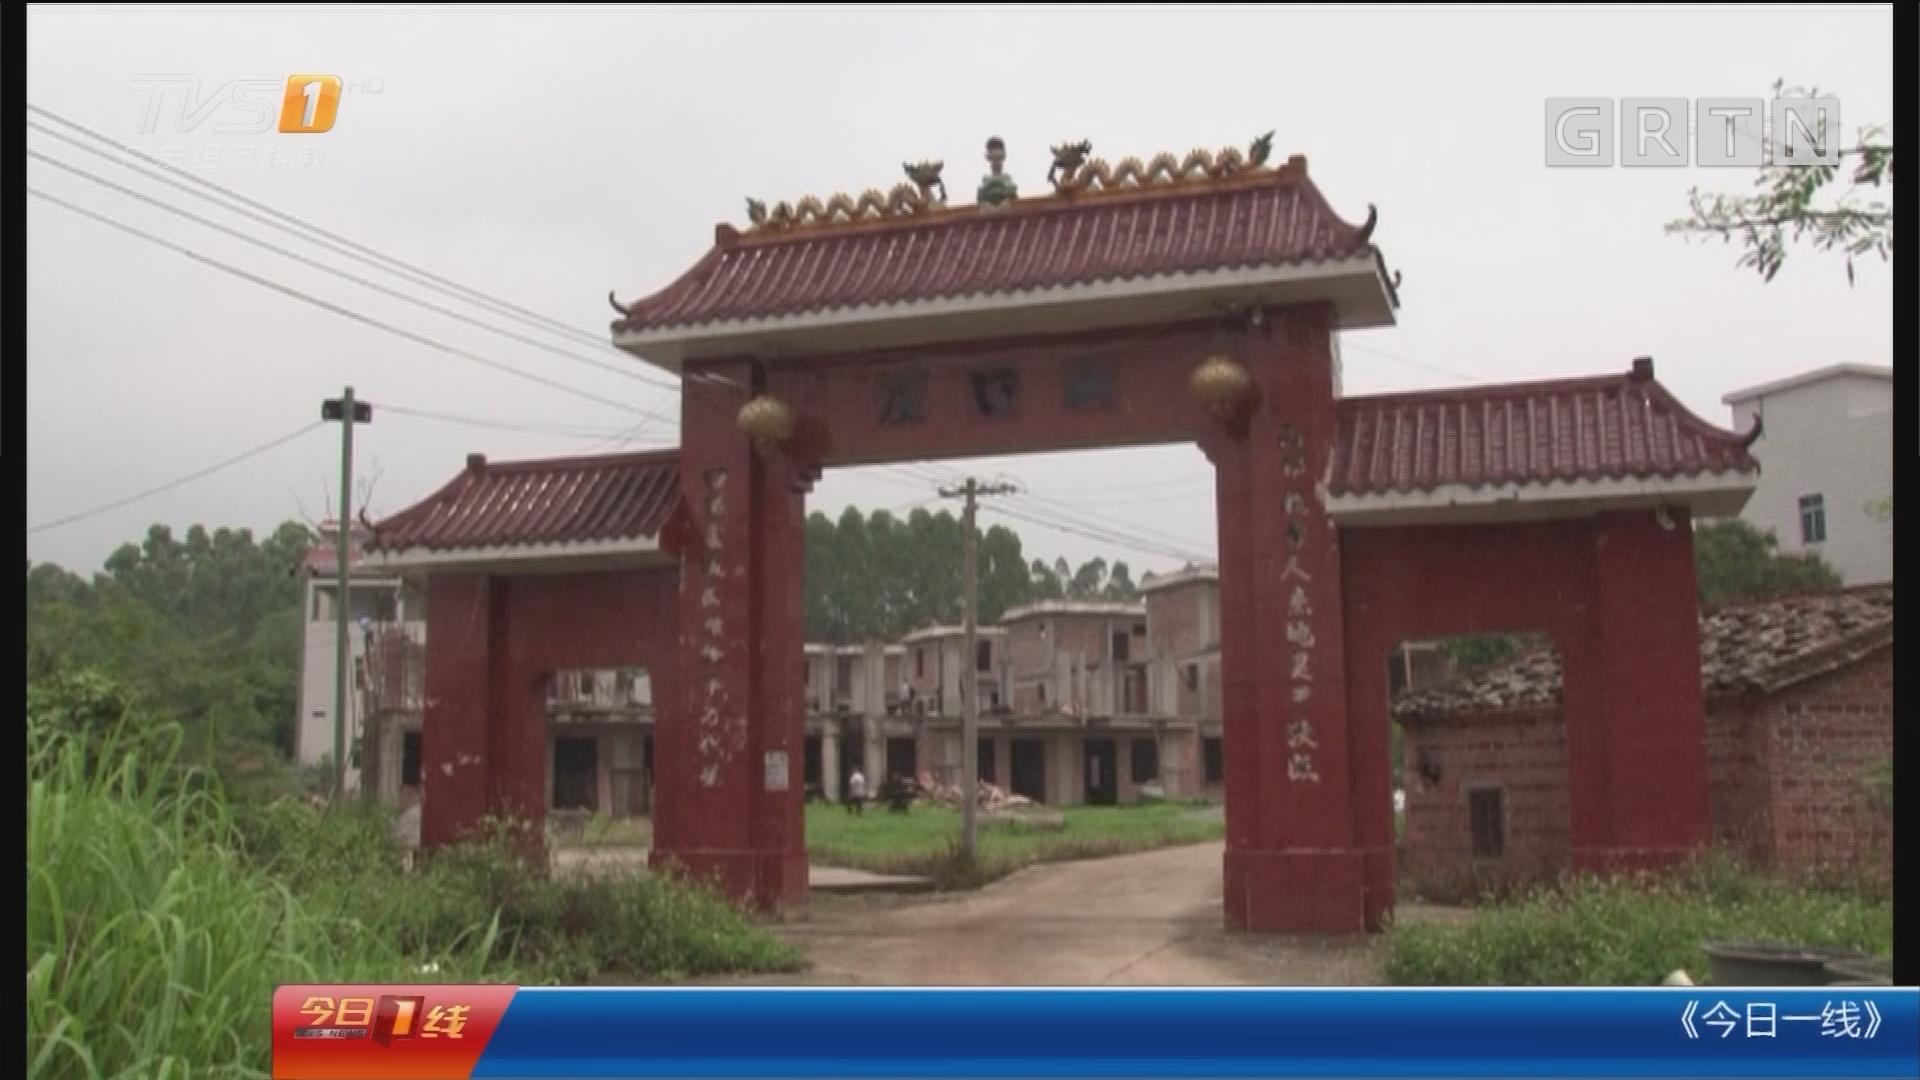 茂名化州:旧村改造受阻烂尾 村民难圆别墅梦